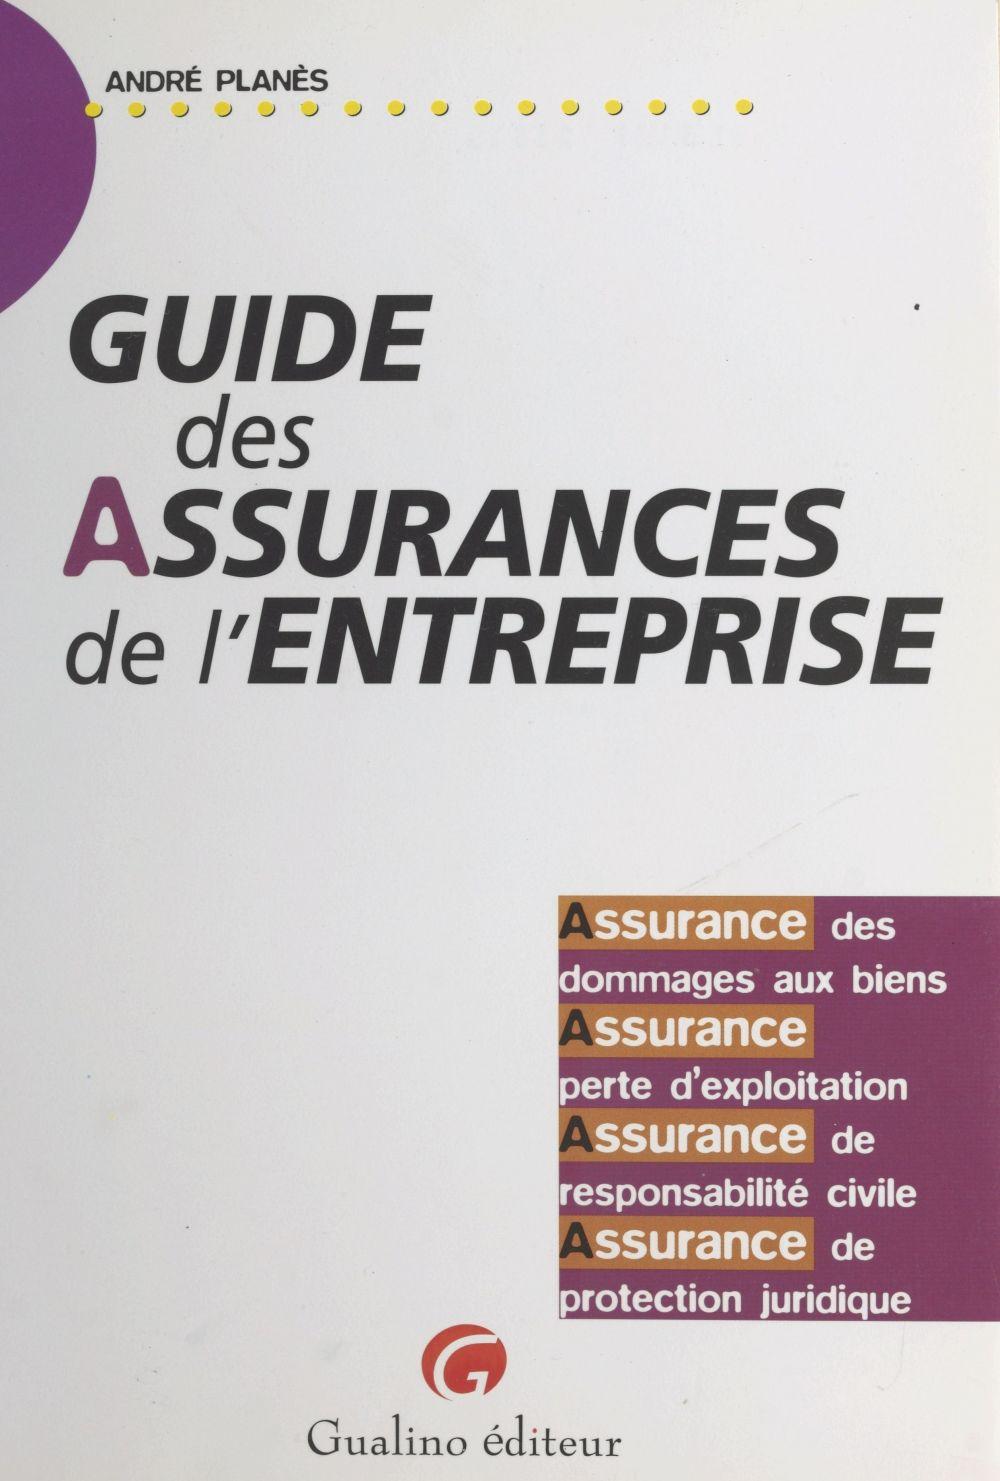 Guide assuranc.de l'entreprise